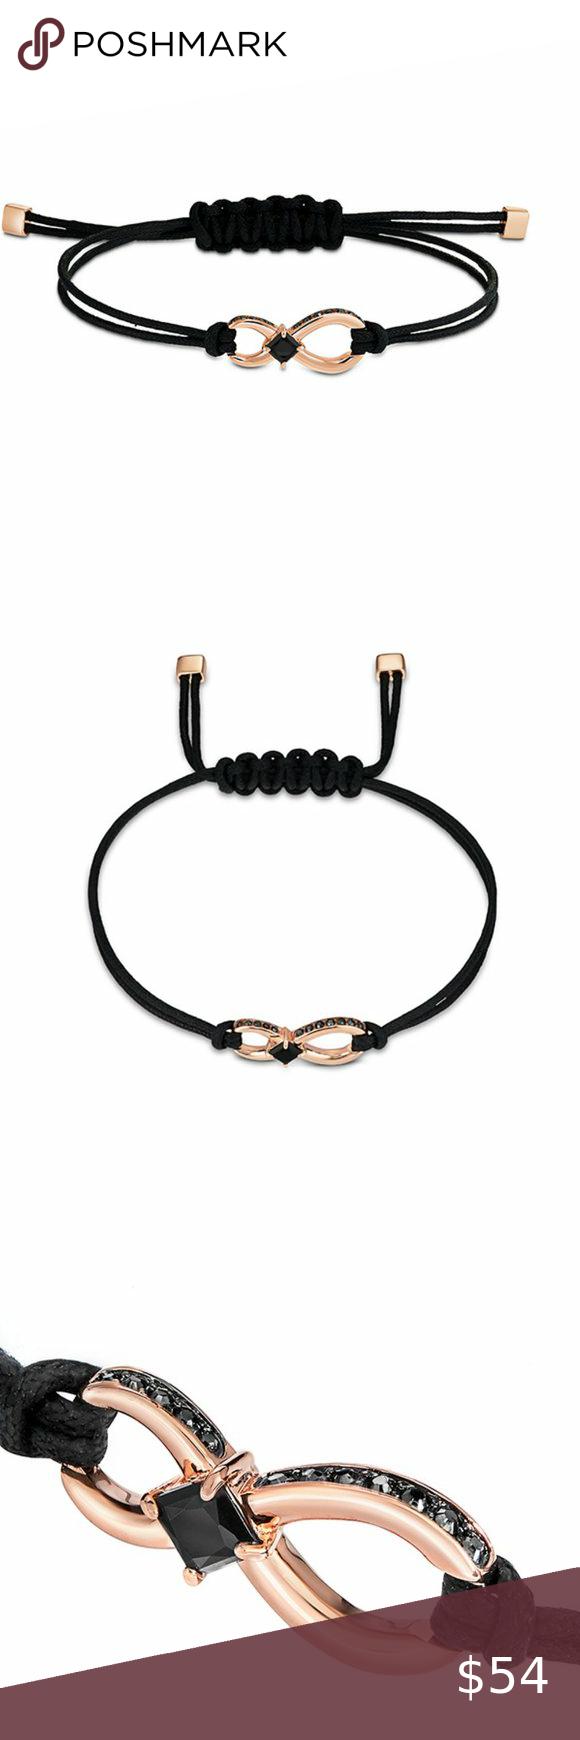 Swarovski Infinity Bracelet, Black, Rose-gold Tone Material: Rose ...